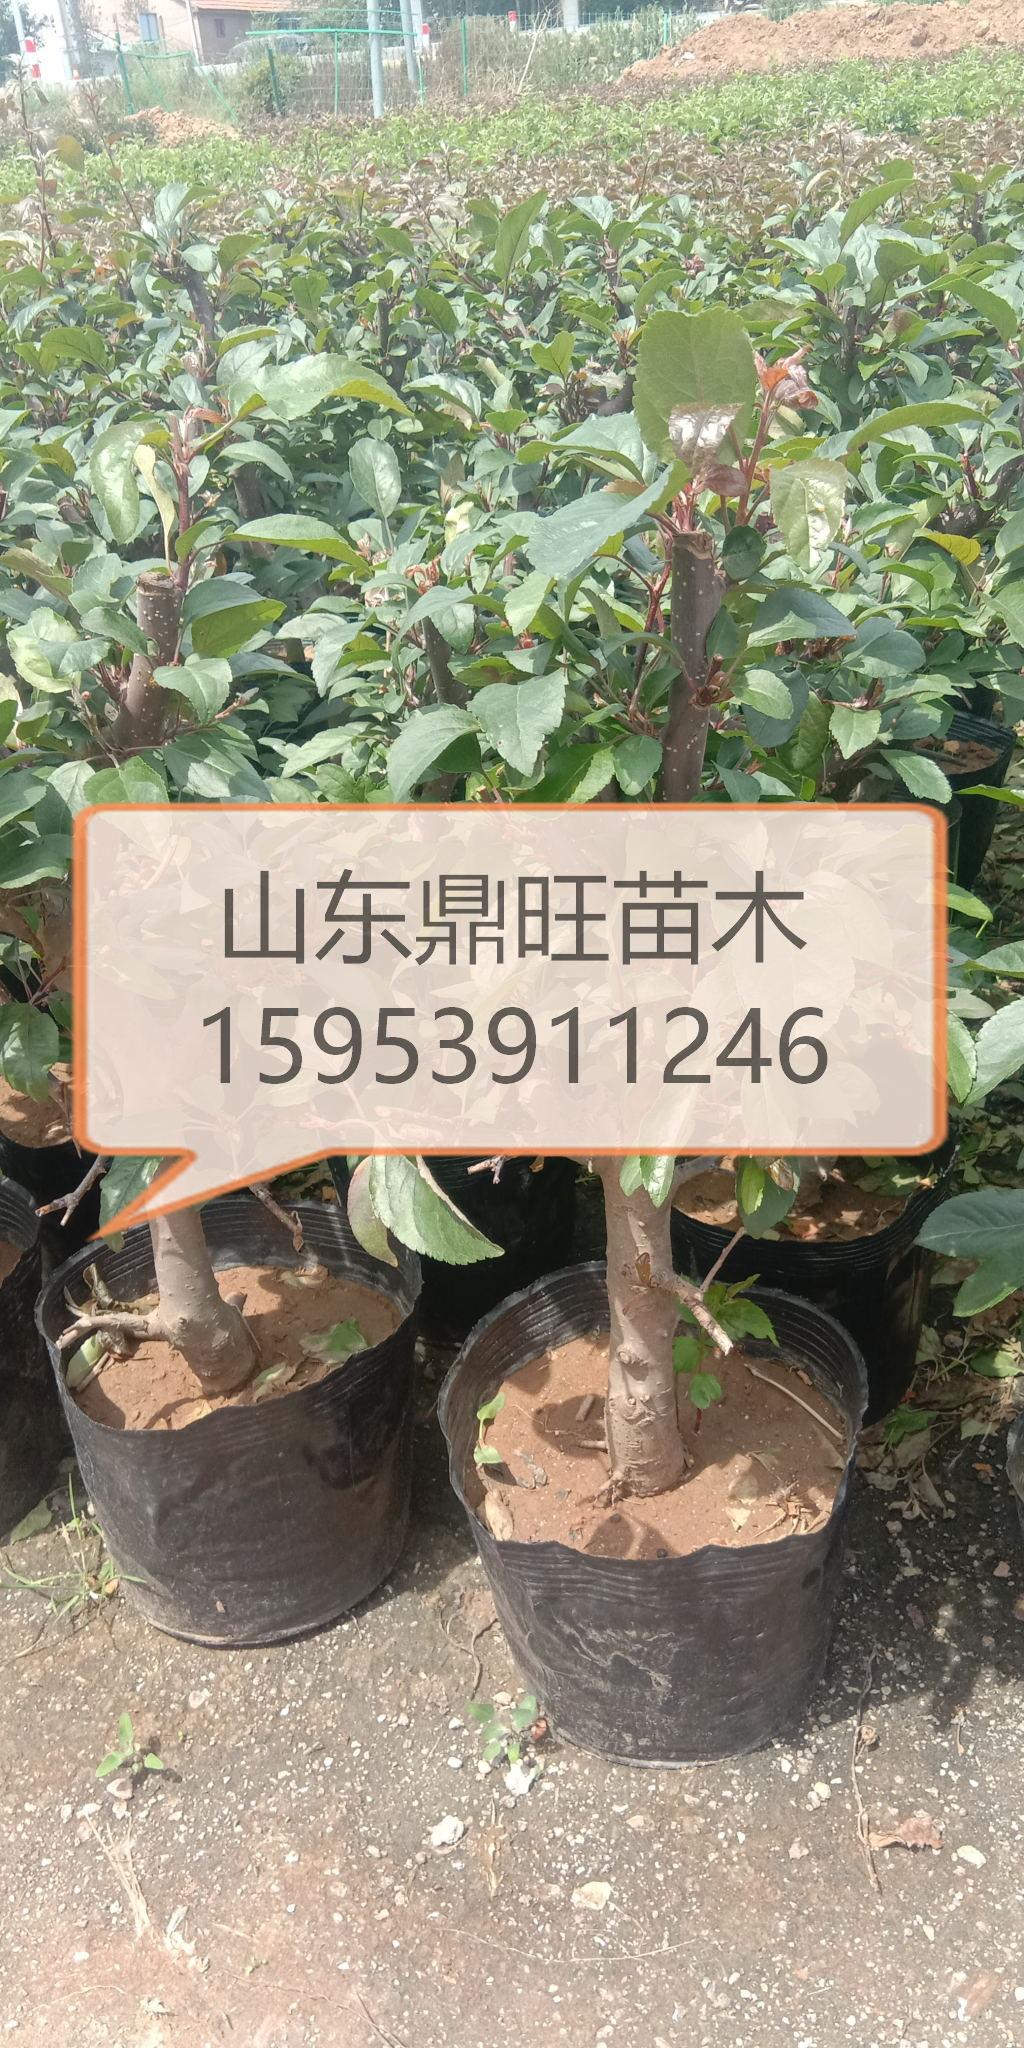 水果盆景,海棠盆景,木瓜海棠盆景,桂花盆景